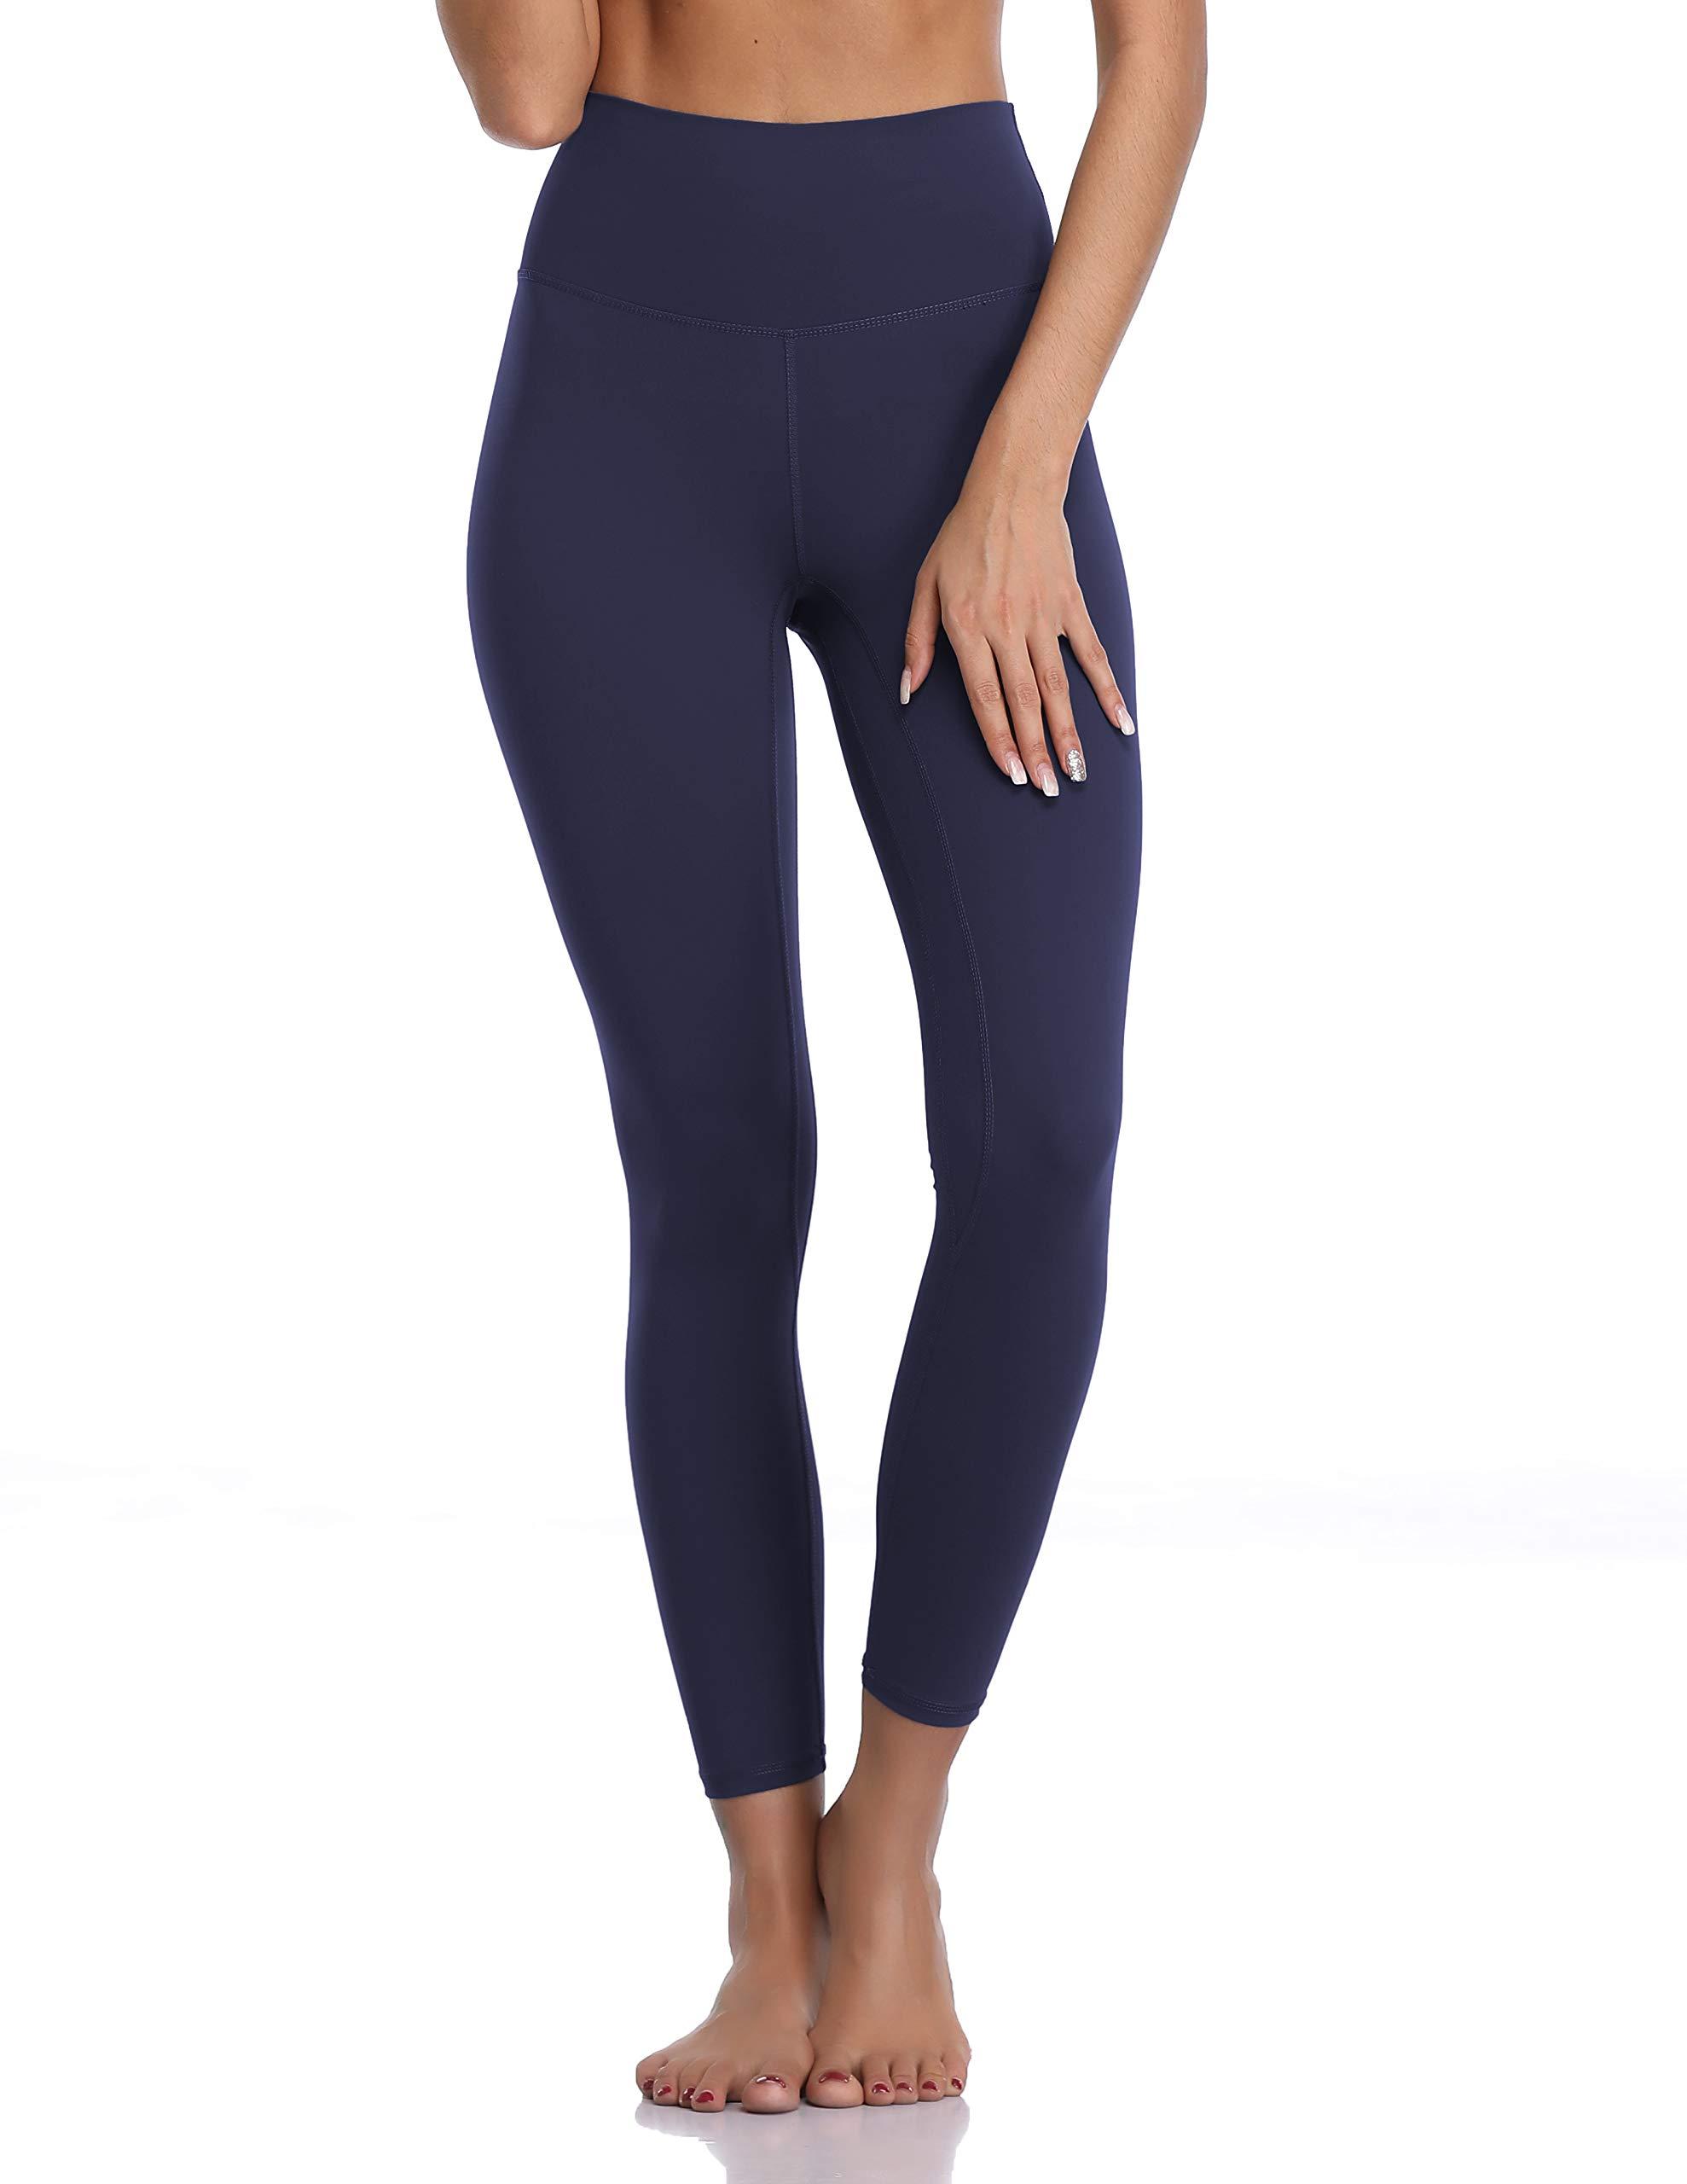 Colorfulkoala Women's Buttery Soft High Waisted Yoga Pants 7/8 Length Leggings